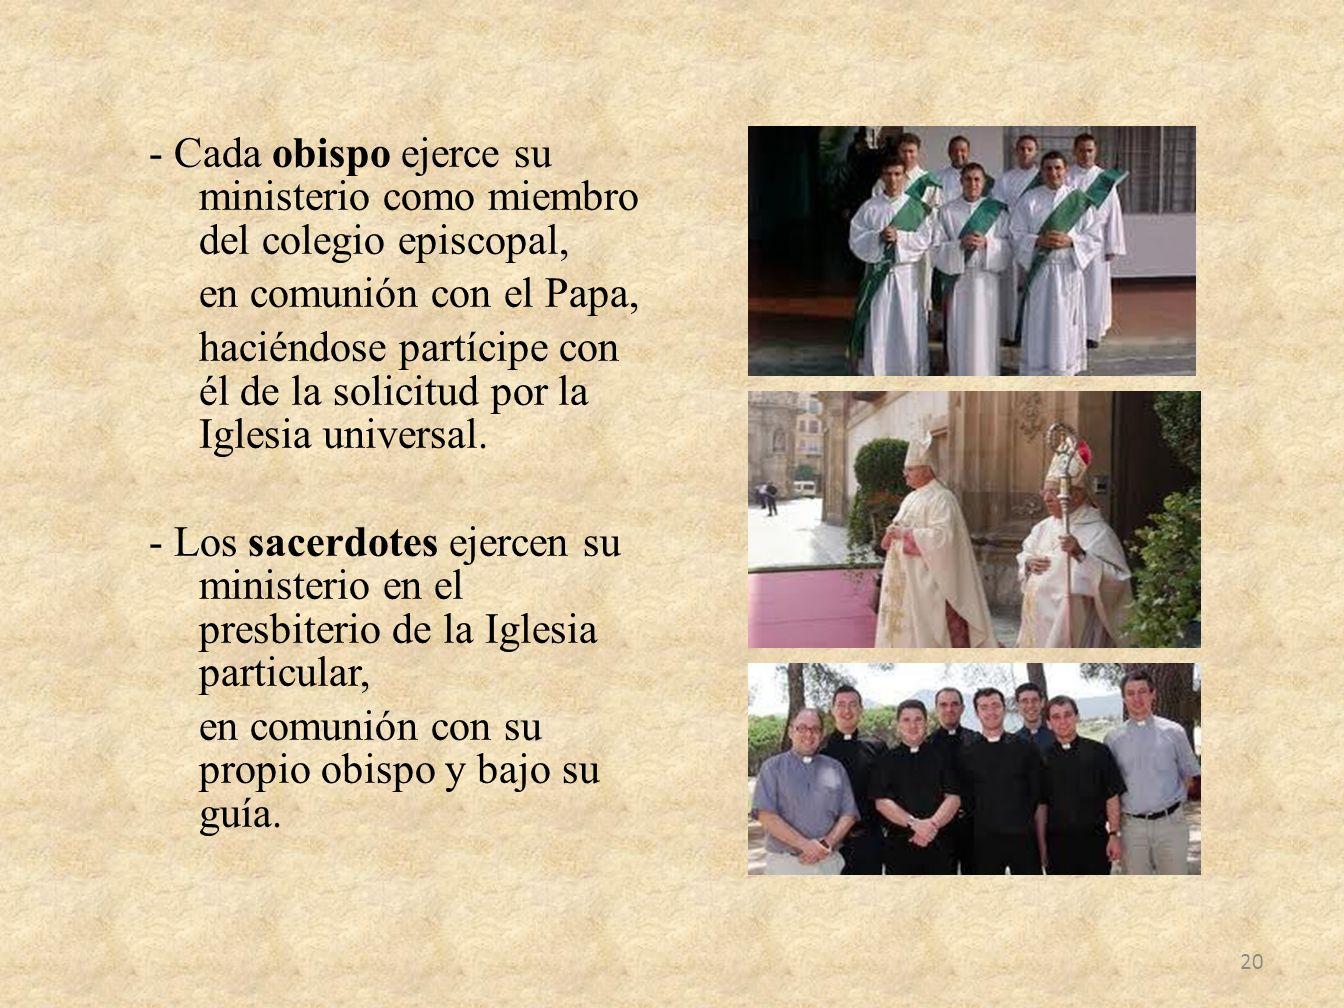 - Cada obispo ejerce su ministerio como miembro del colegio episcopal, en comunión con el Papa, haciéndose partícipe con él de la solicitud por la Igl